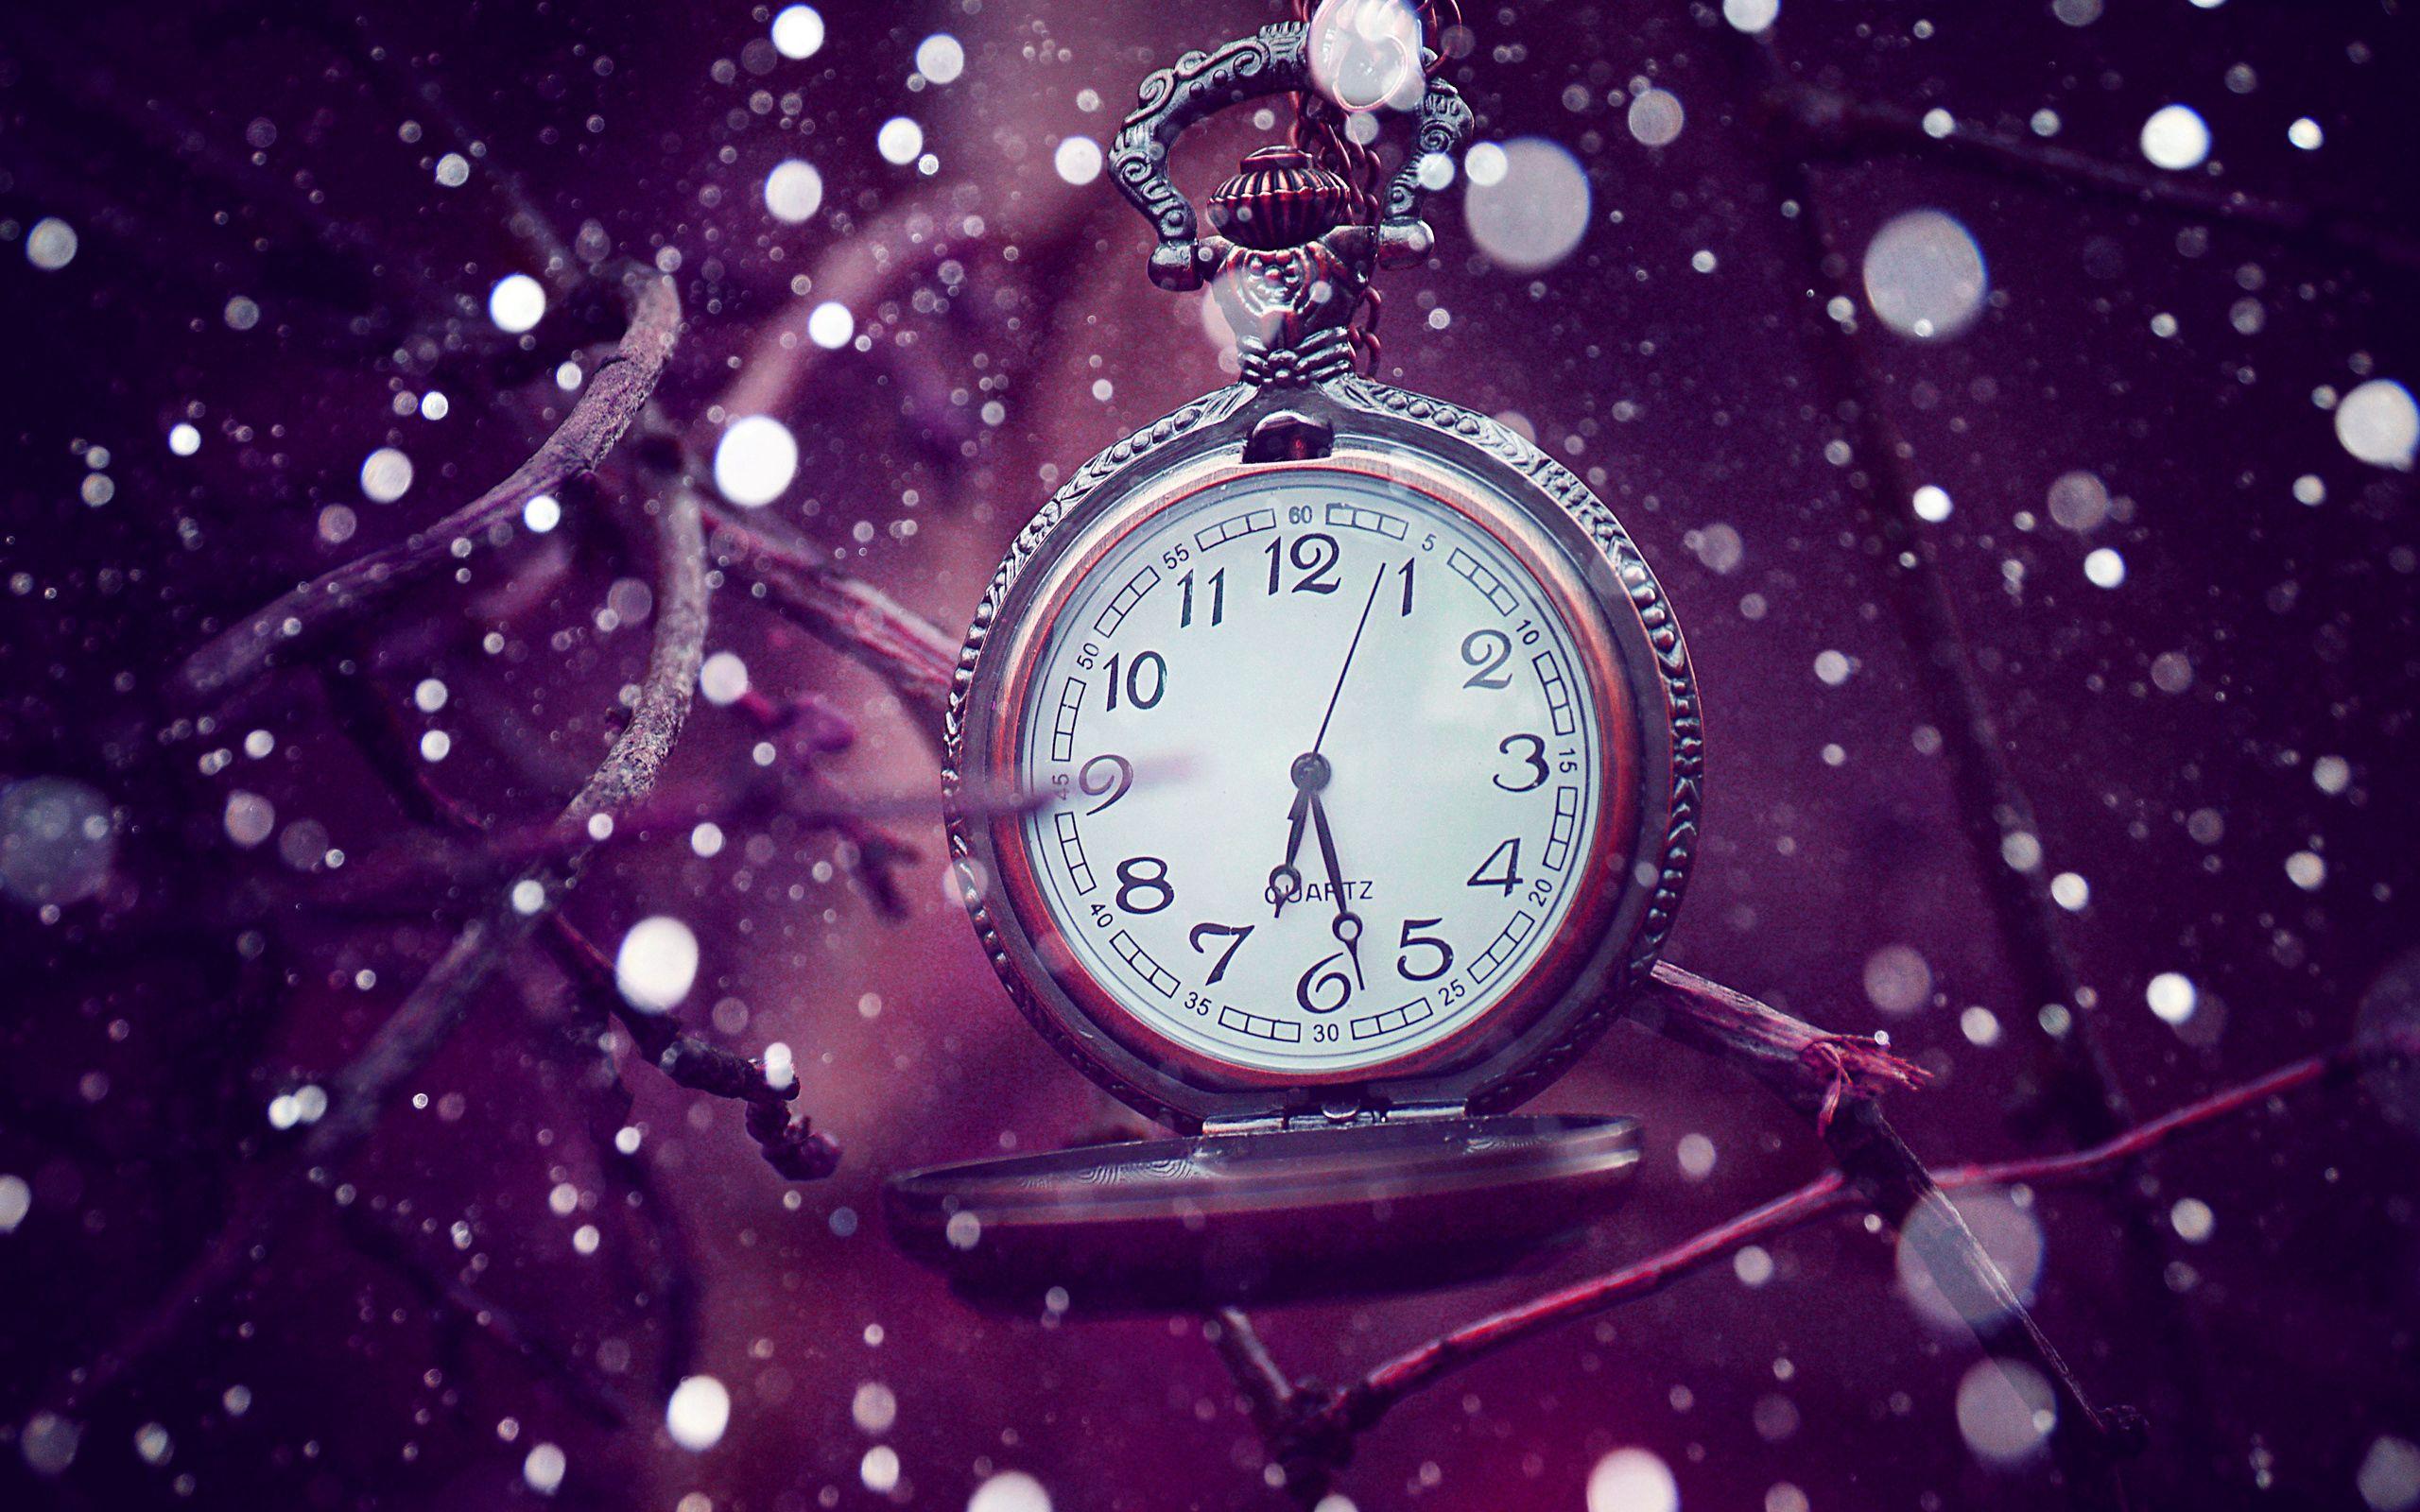 Зимовий час: як допомогти організму пережити небезпечне переведення стрілок